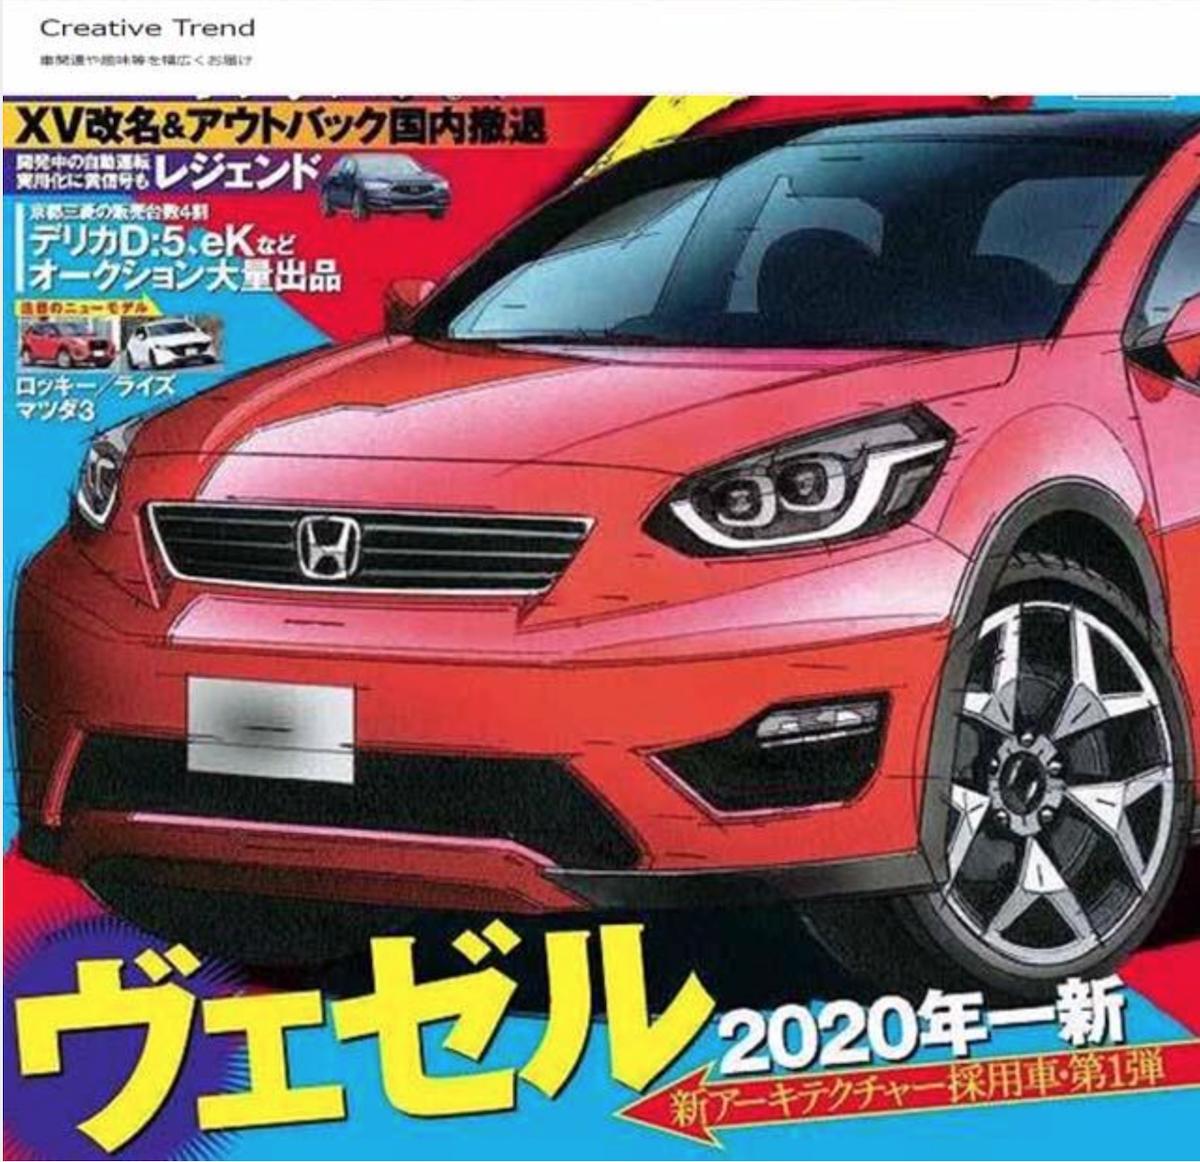 雜誌封面的新一代 HR-V 預想圖,外觀設計與新 Fit 雷同。